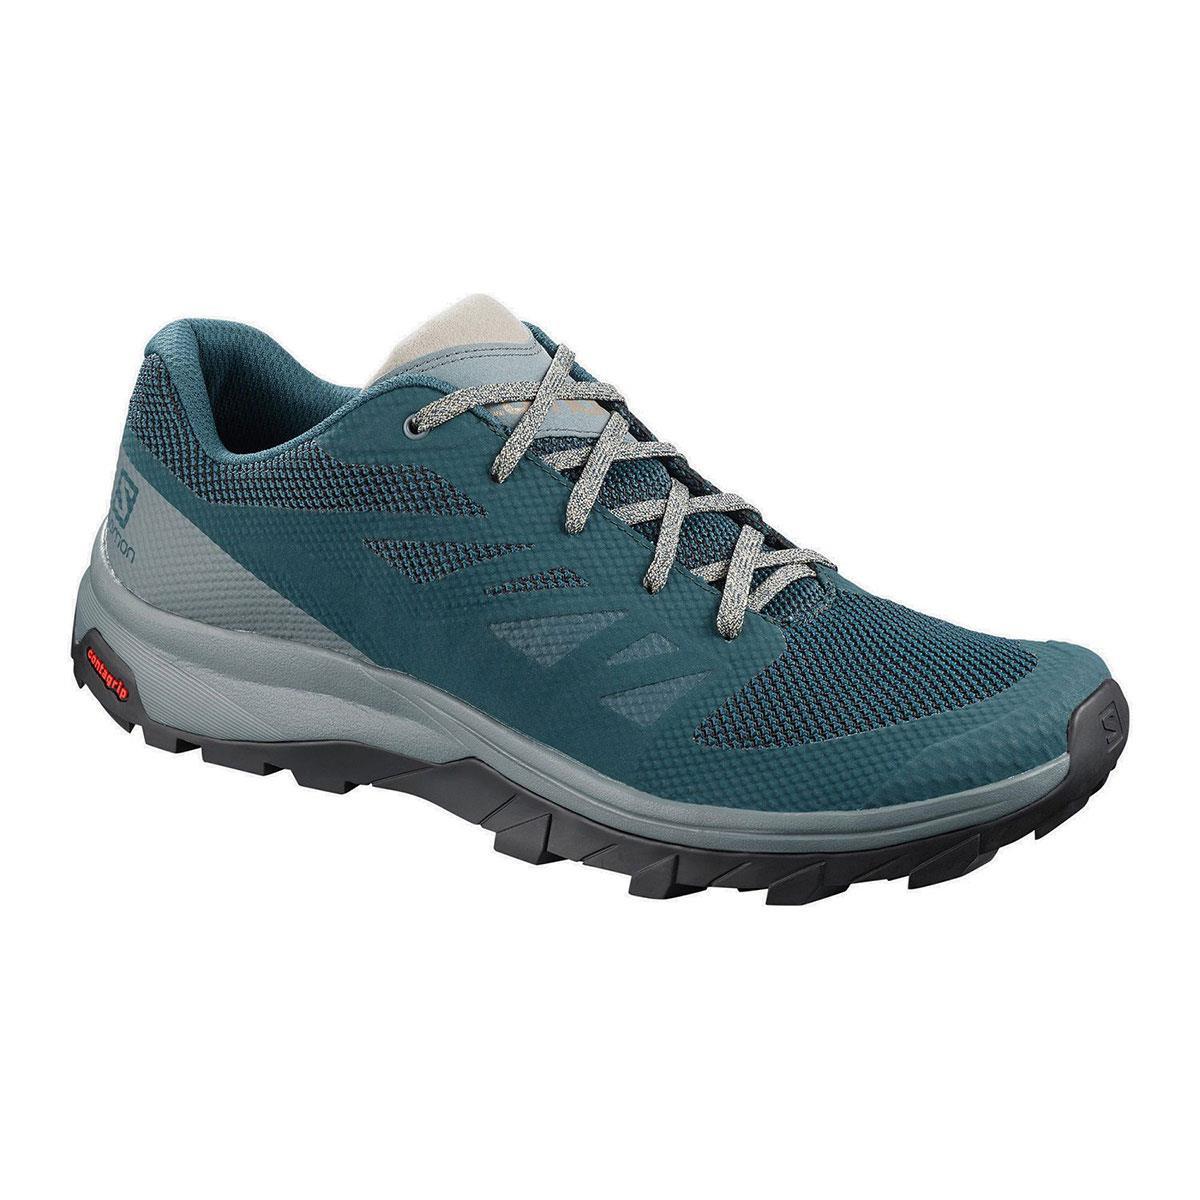 Salomon OUTLINE Erkek Ayakkabısı L40796100